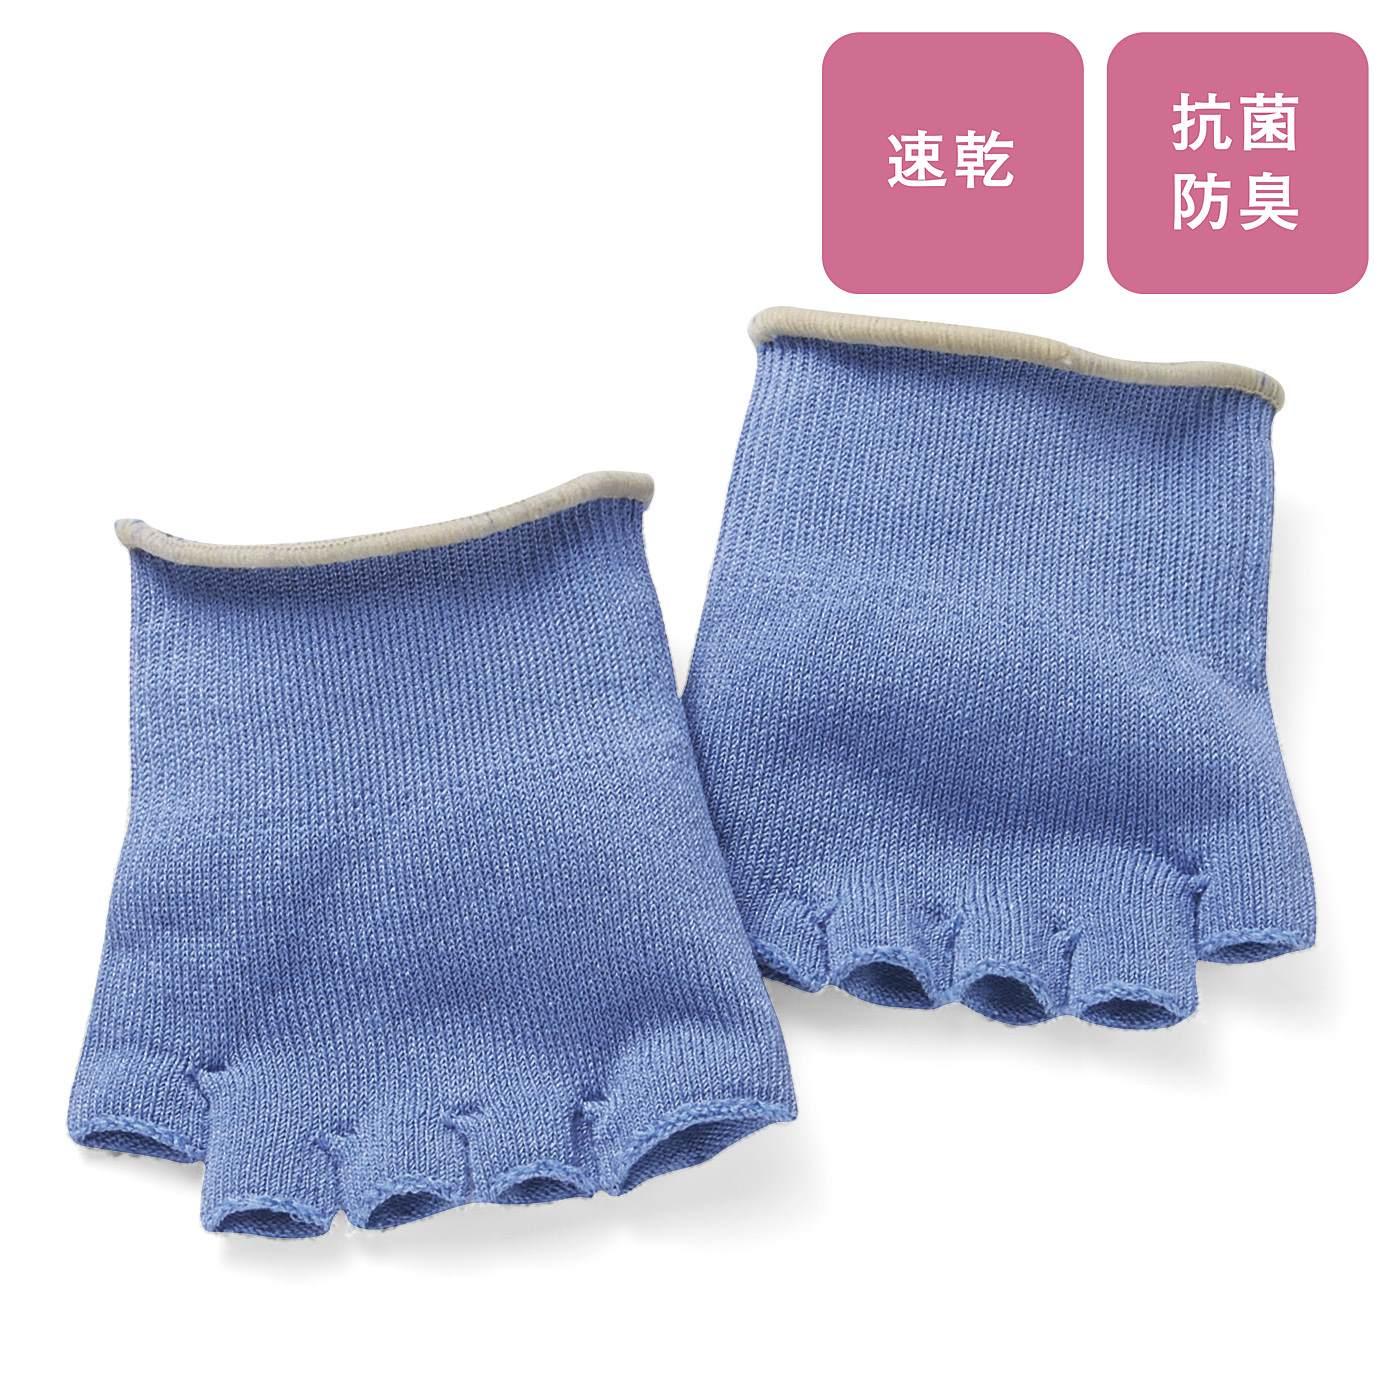 むれやすい足裏とサンダルにふれて汗をかきがちな足の甲をしっかりカバー。汗がたまりやすい指のまたにも気持ちよくフィット。